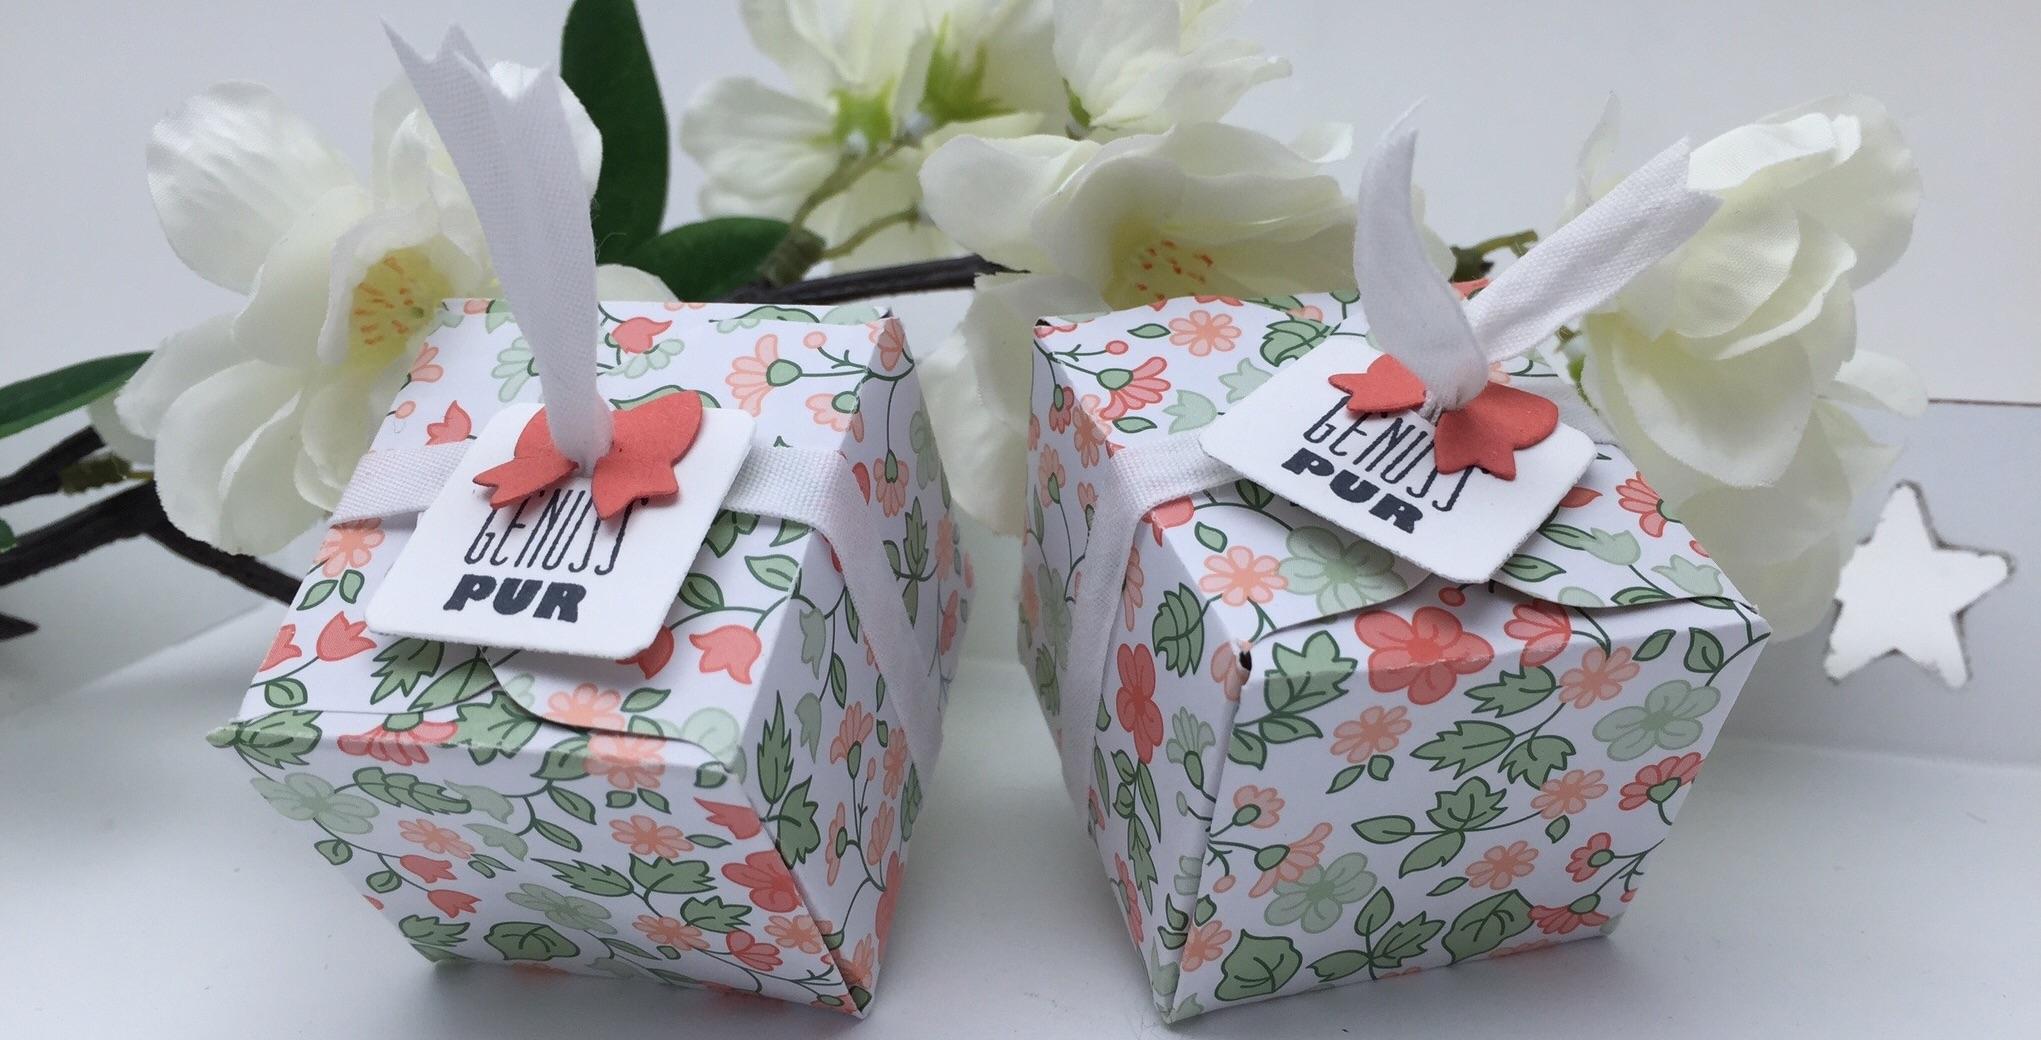 Videoanleitung für die Tee-Verpackung